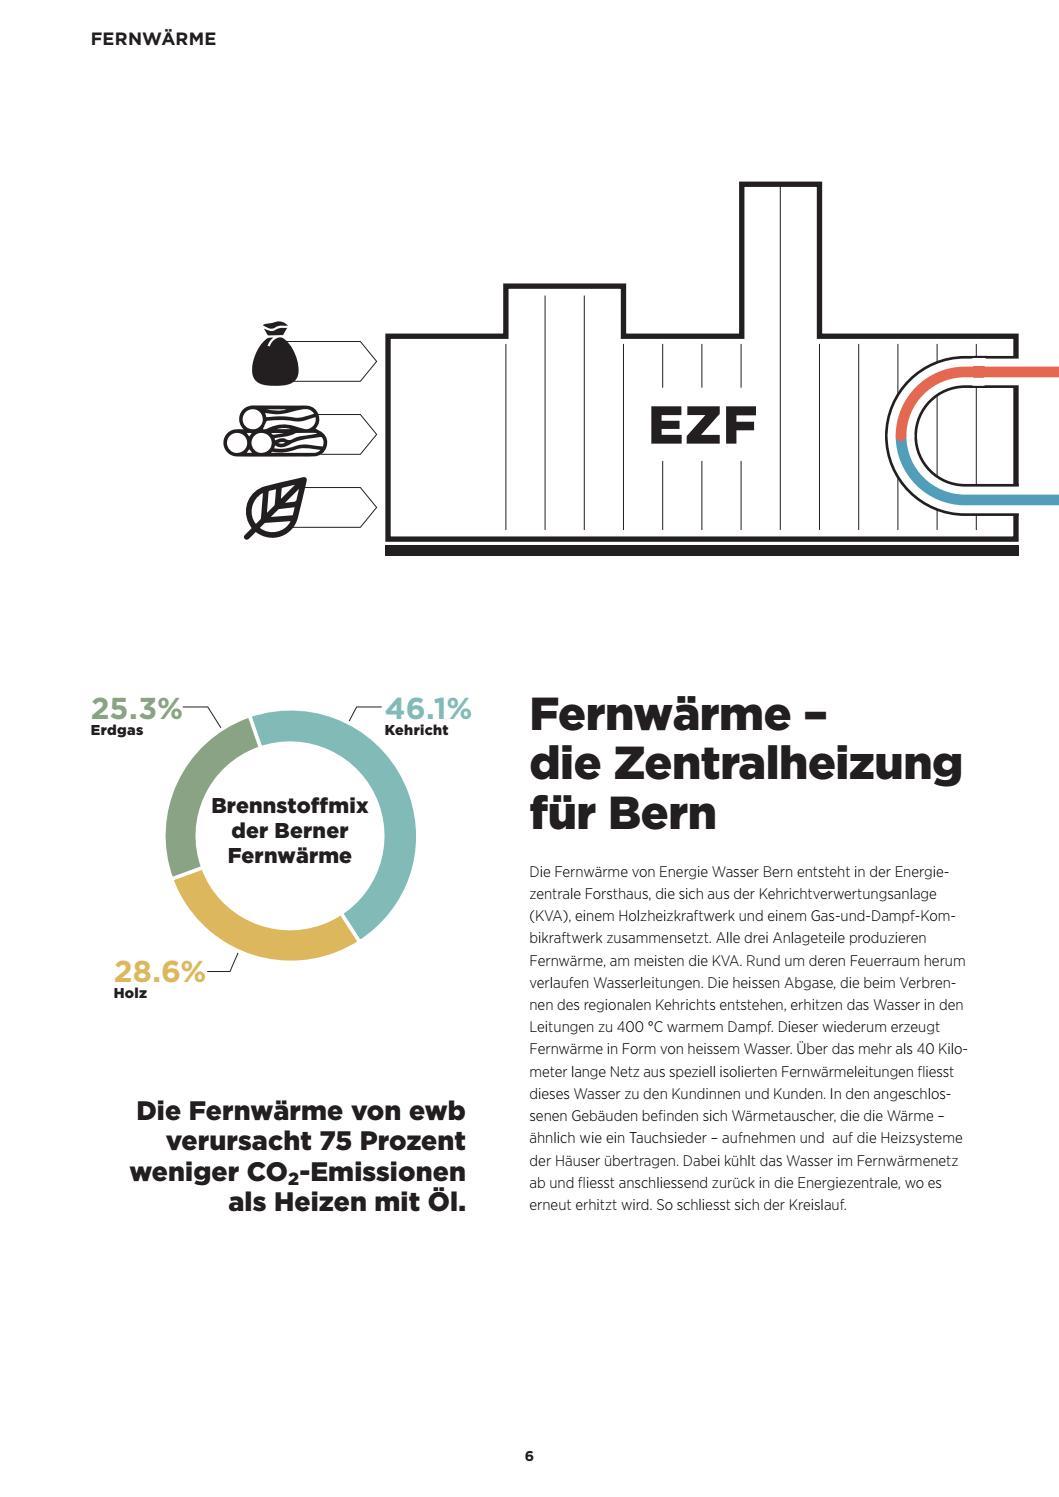 Wunderbar Zentralheizung Wasser Ideen - Elektrische Schaltplan-Ideen ...